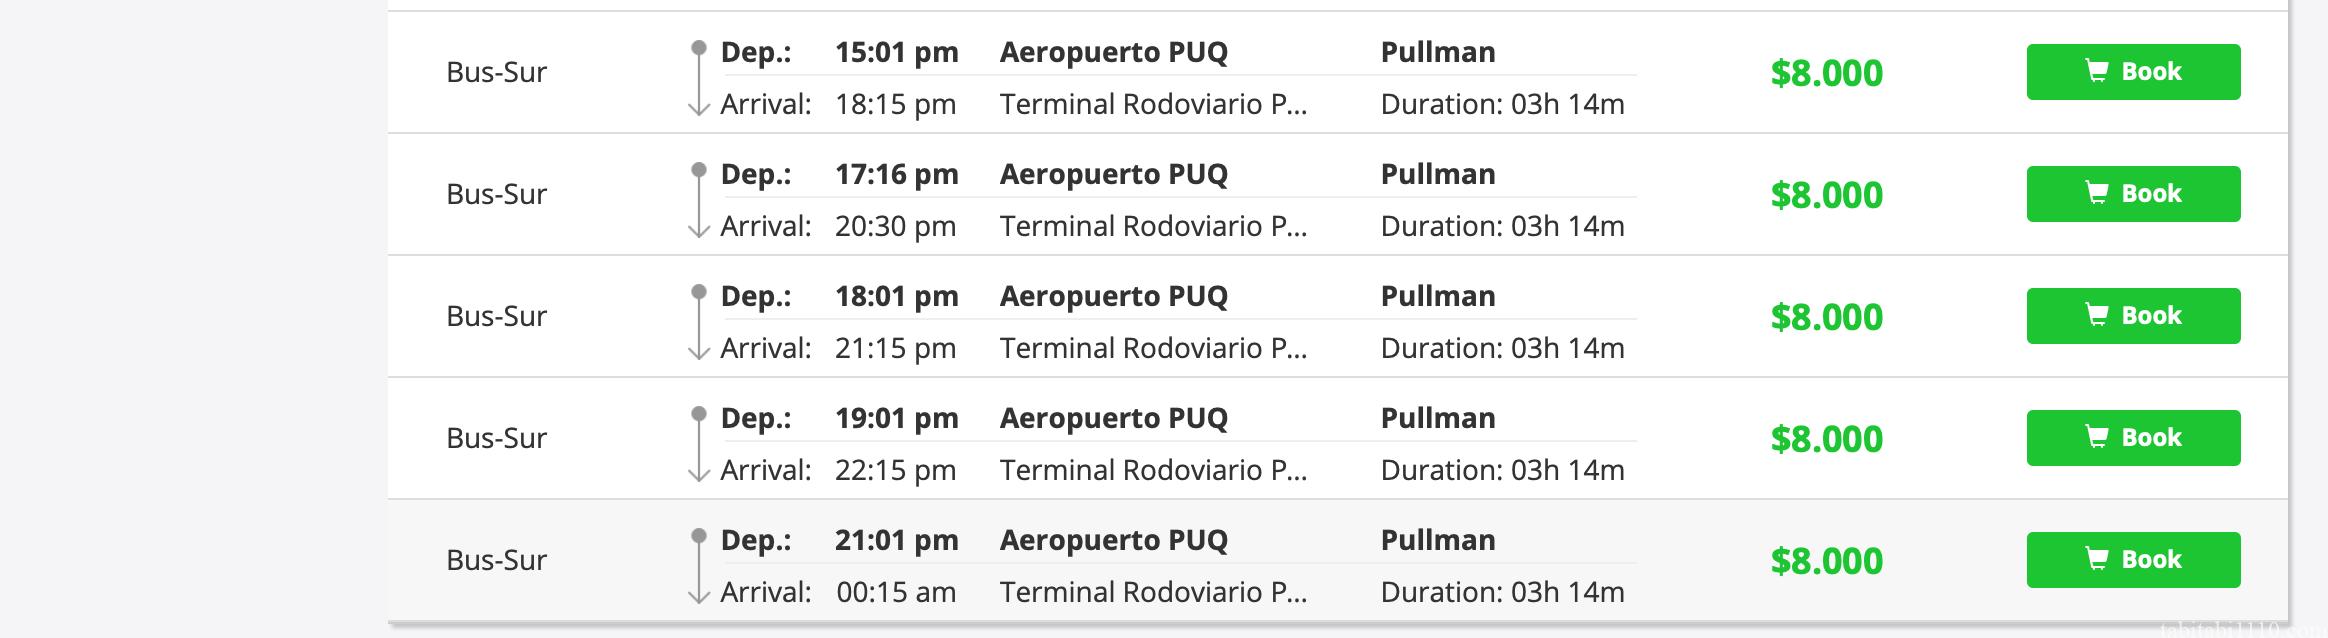 プンタアレナス空港からプエルトナタレスへのバスの時刻表